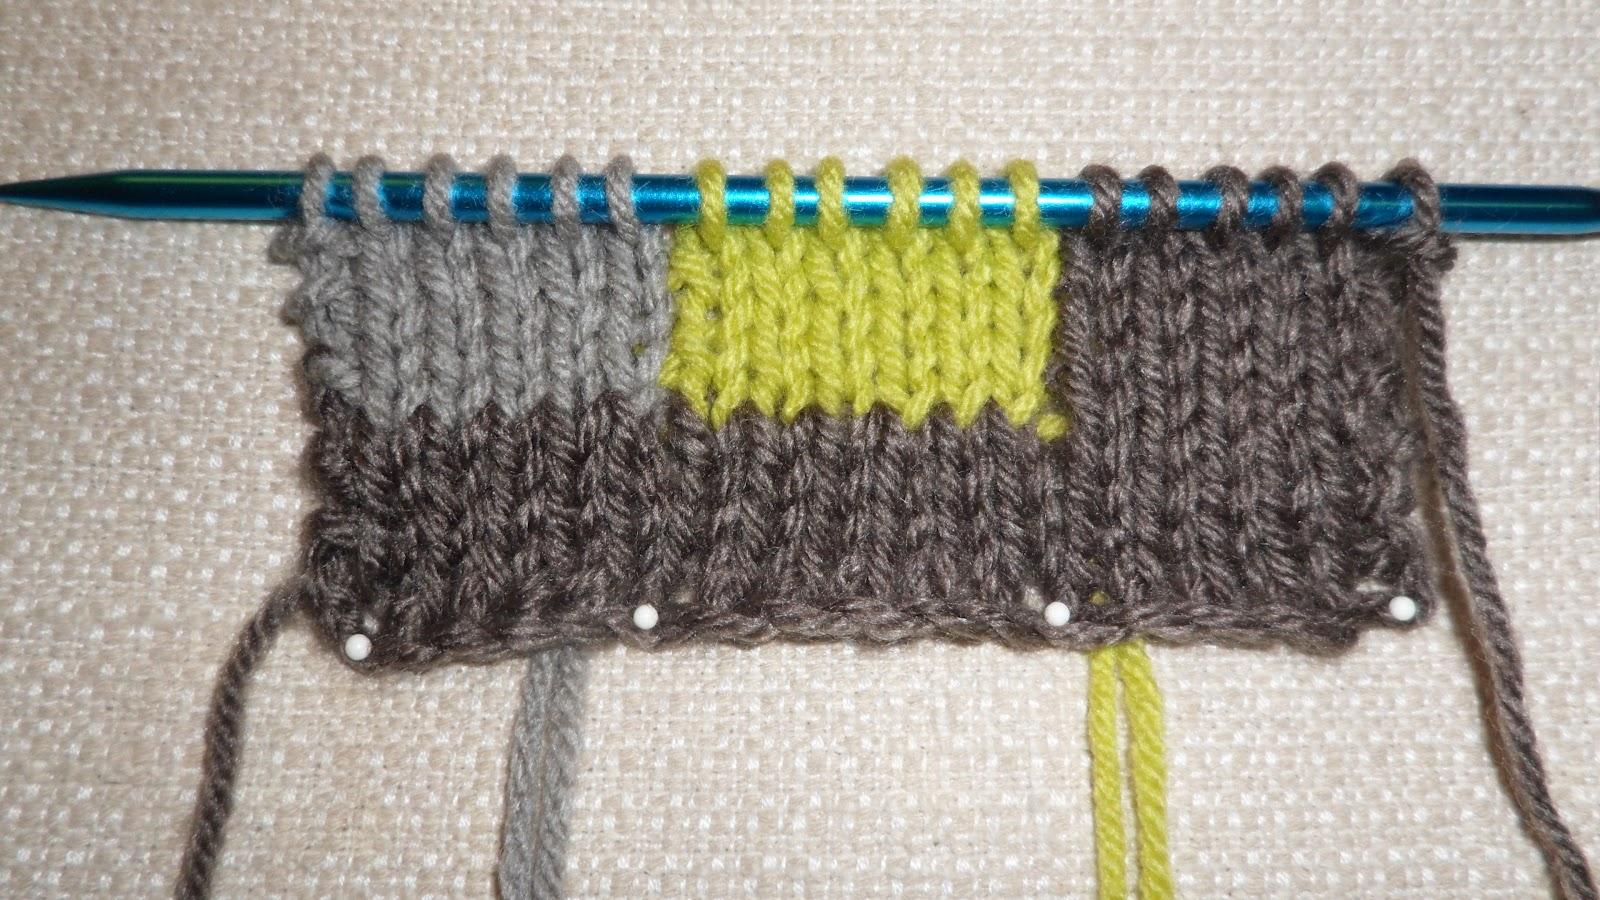 Intarsia Knitting Patterns : stitch by stitch i knit: Learning Intarsia